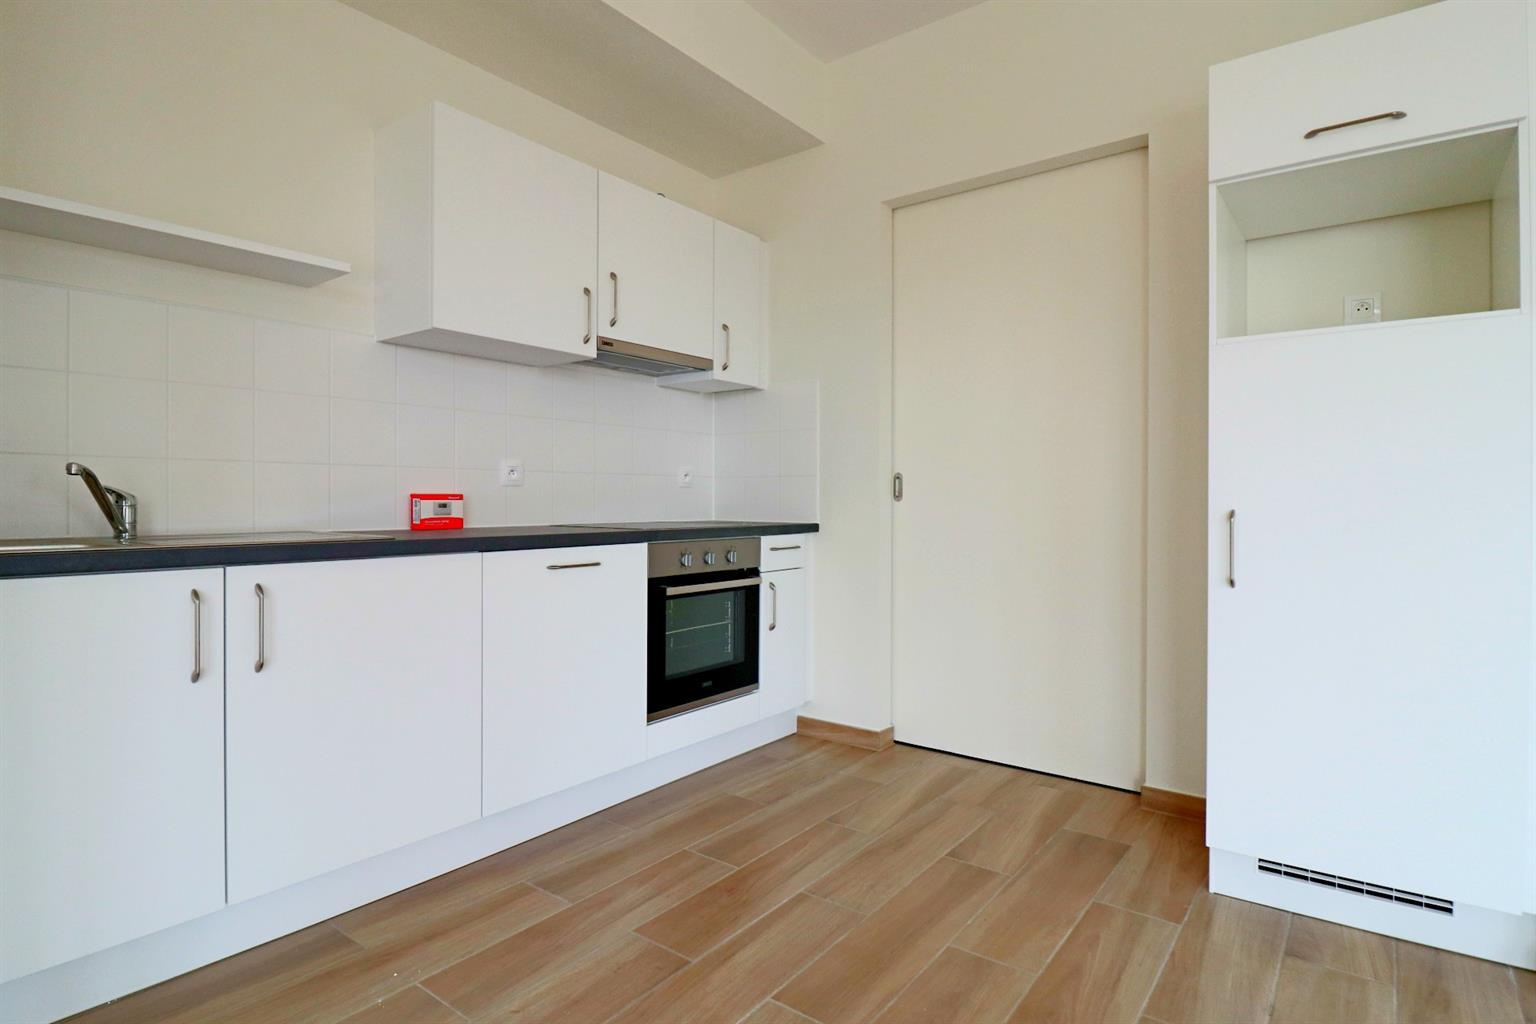 Appartement - Ottignies-Louvain-la-Neuve - #4406884-3